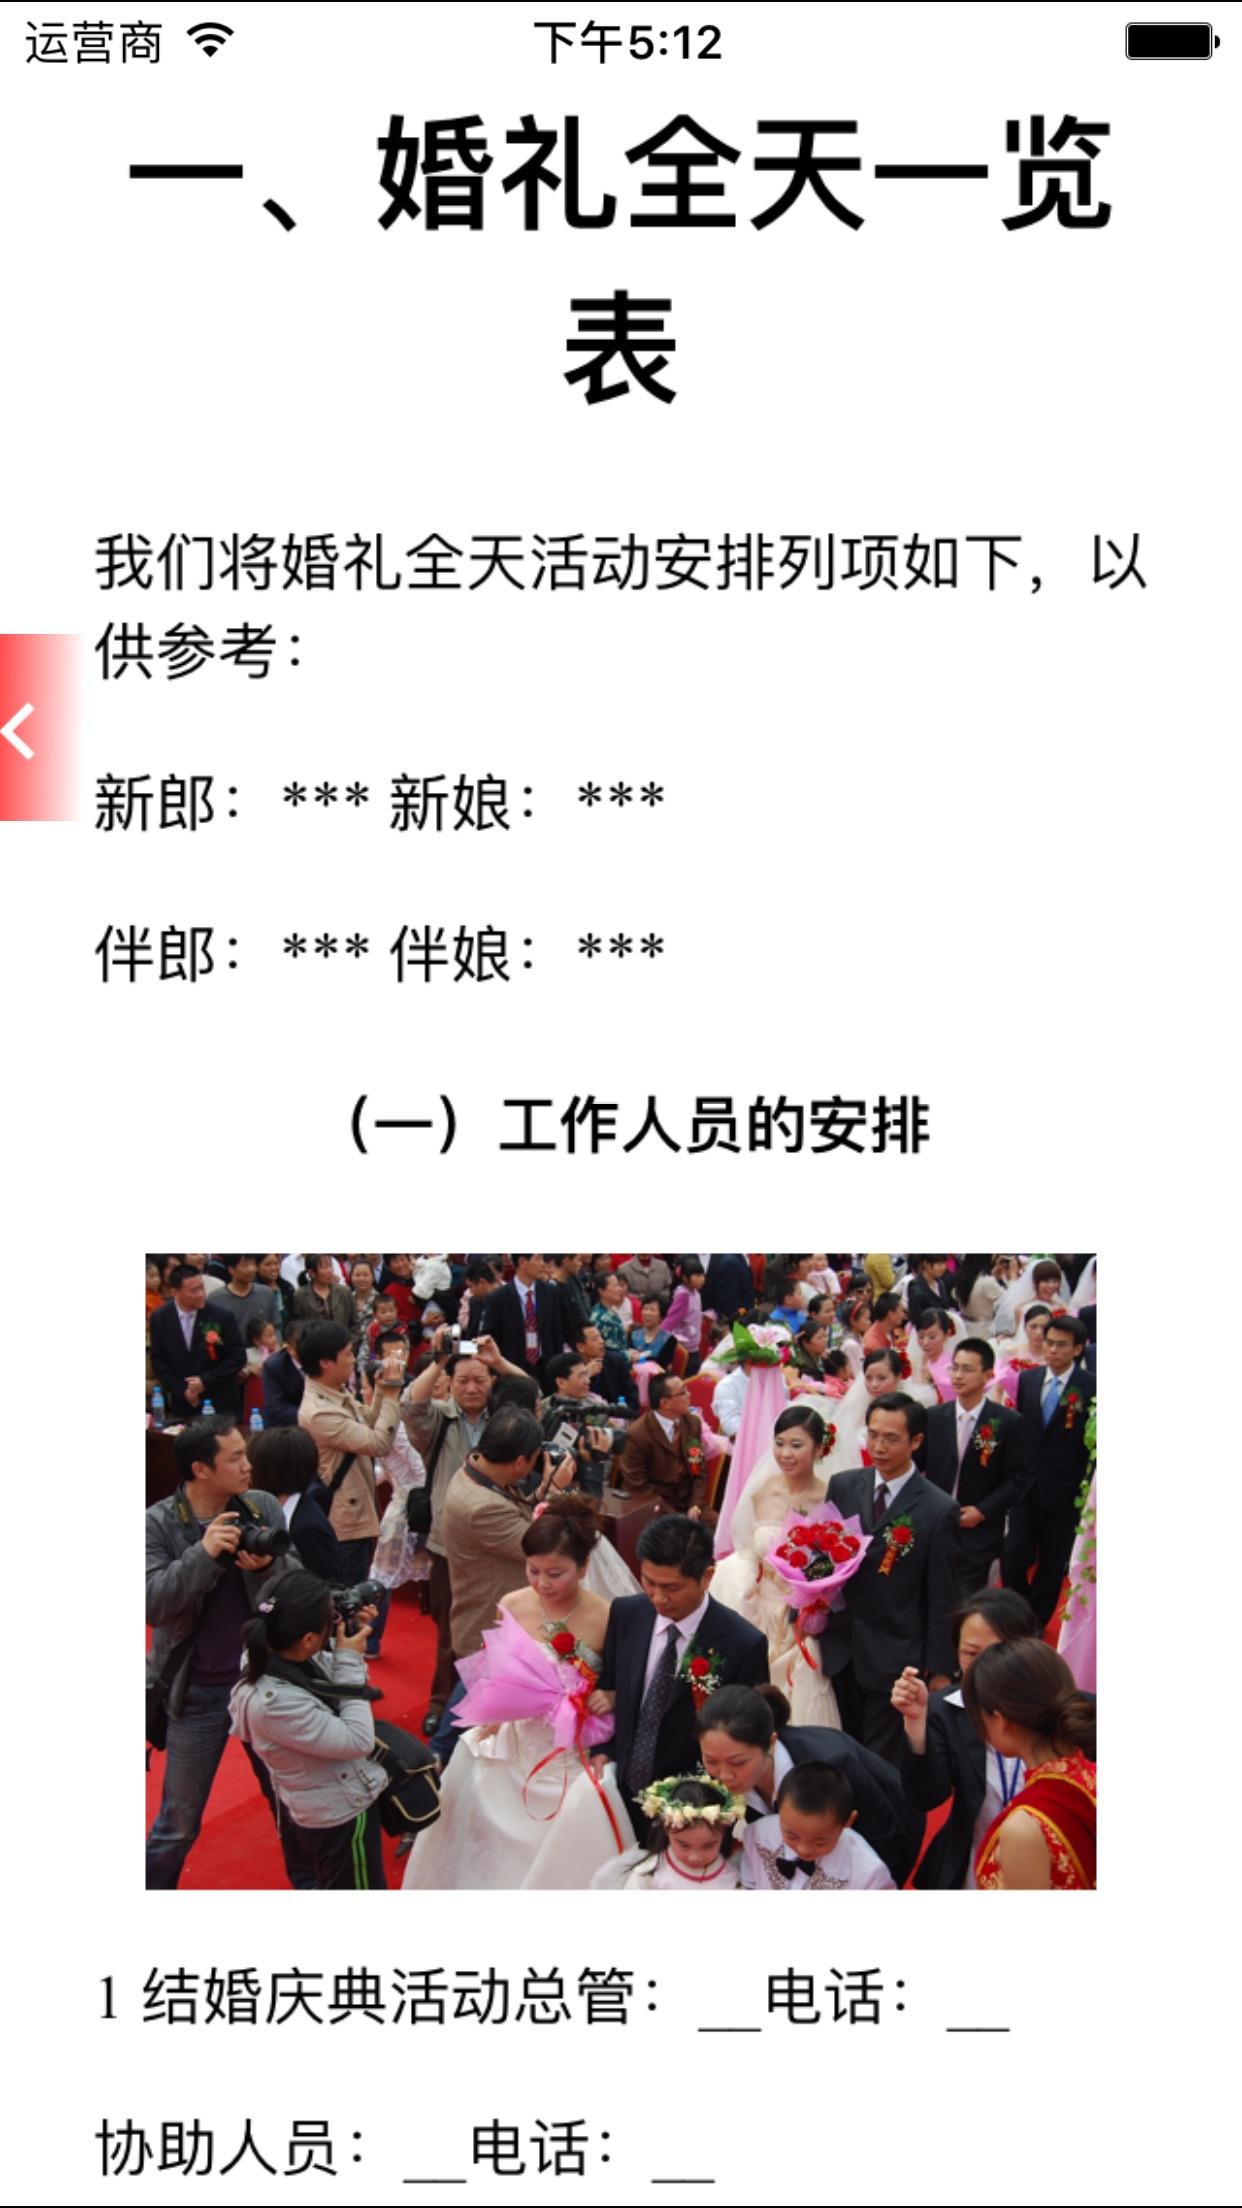 婚礼进行曲 Screenshot